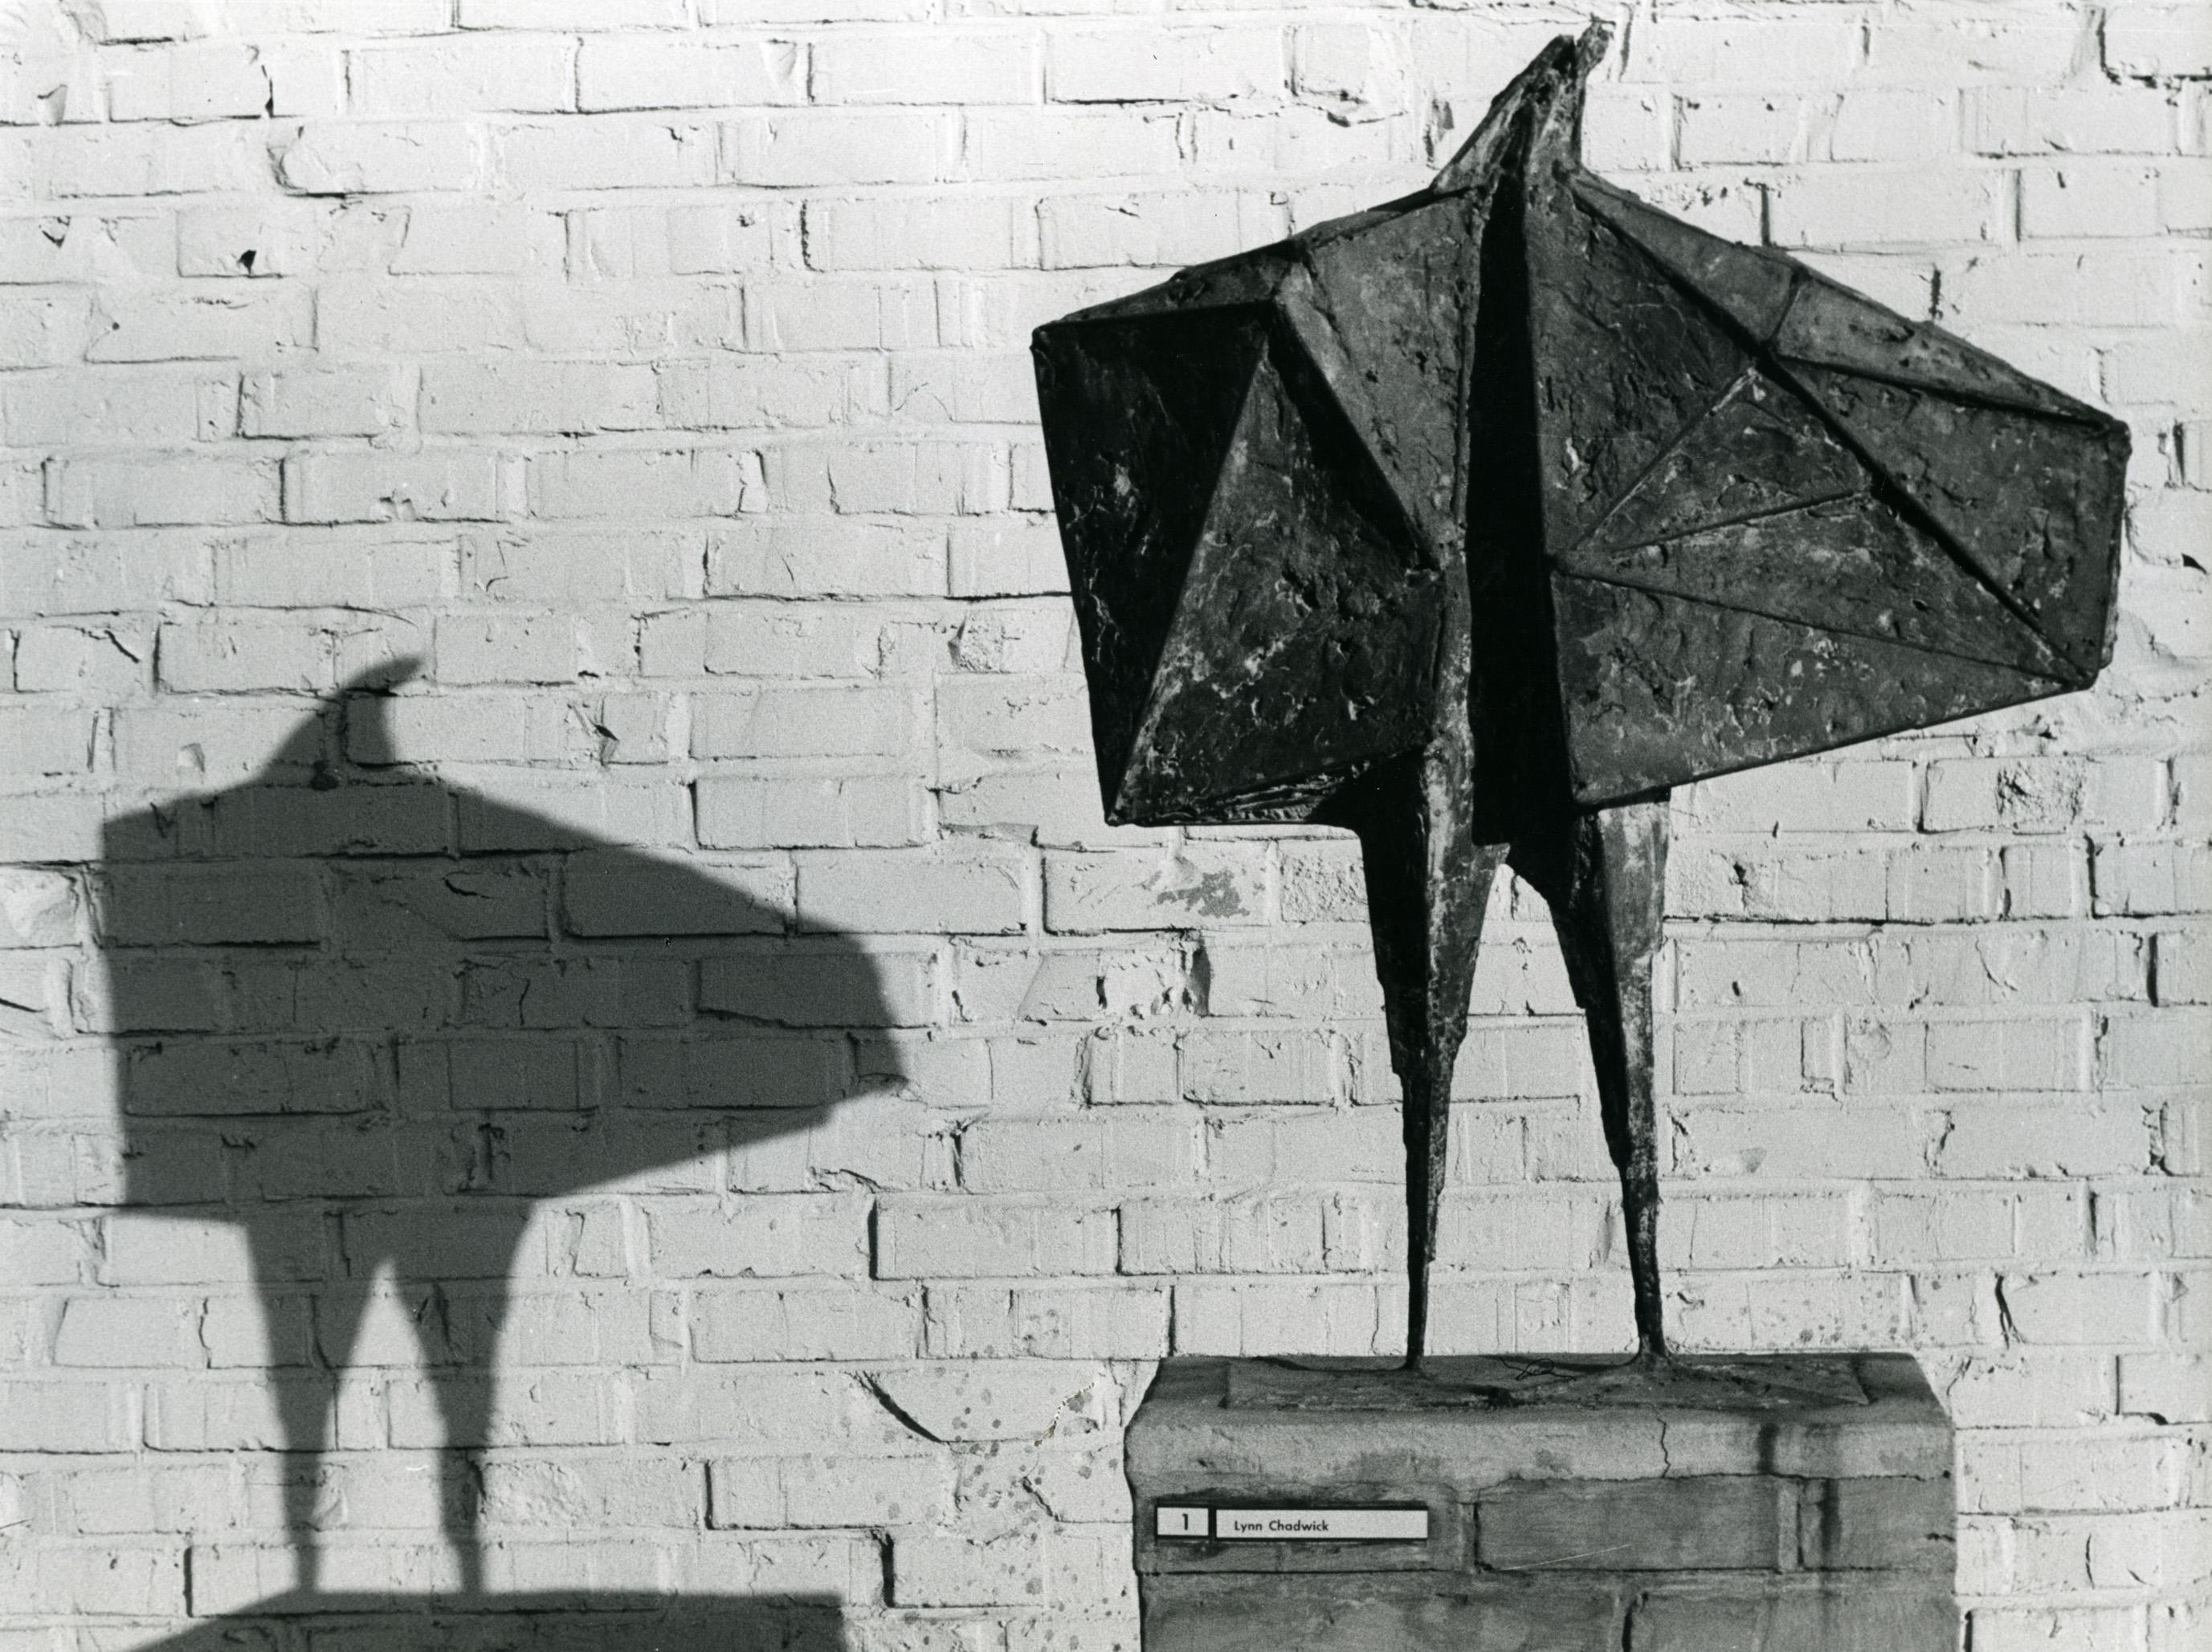 Documenta 2, 1959, Alfred Ebert Stiftung